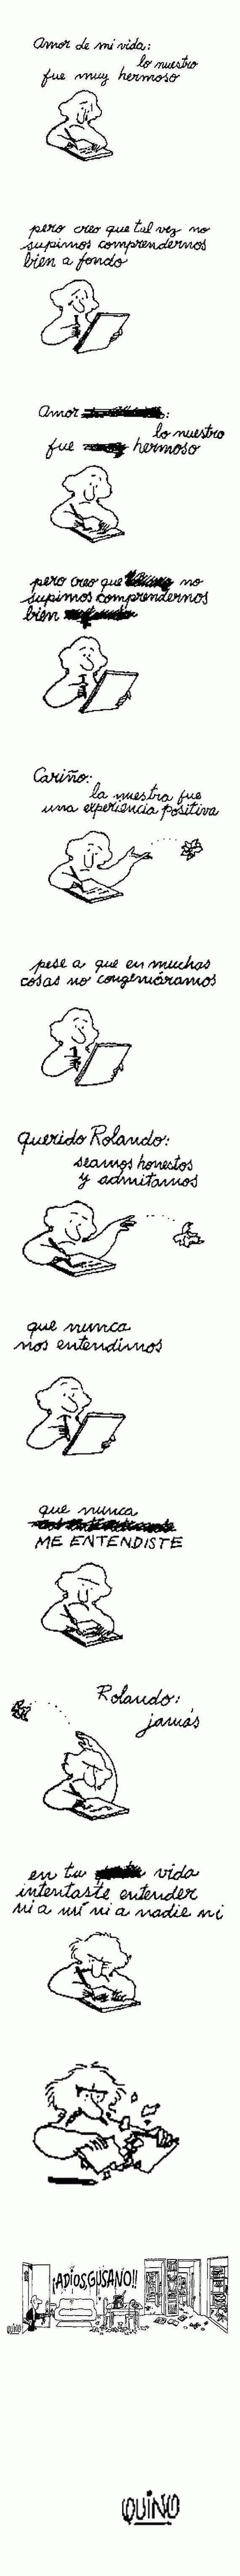 Quino - T!